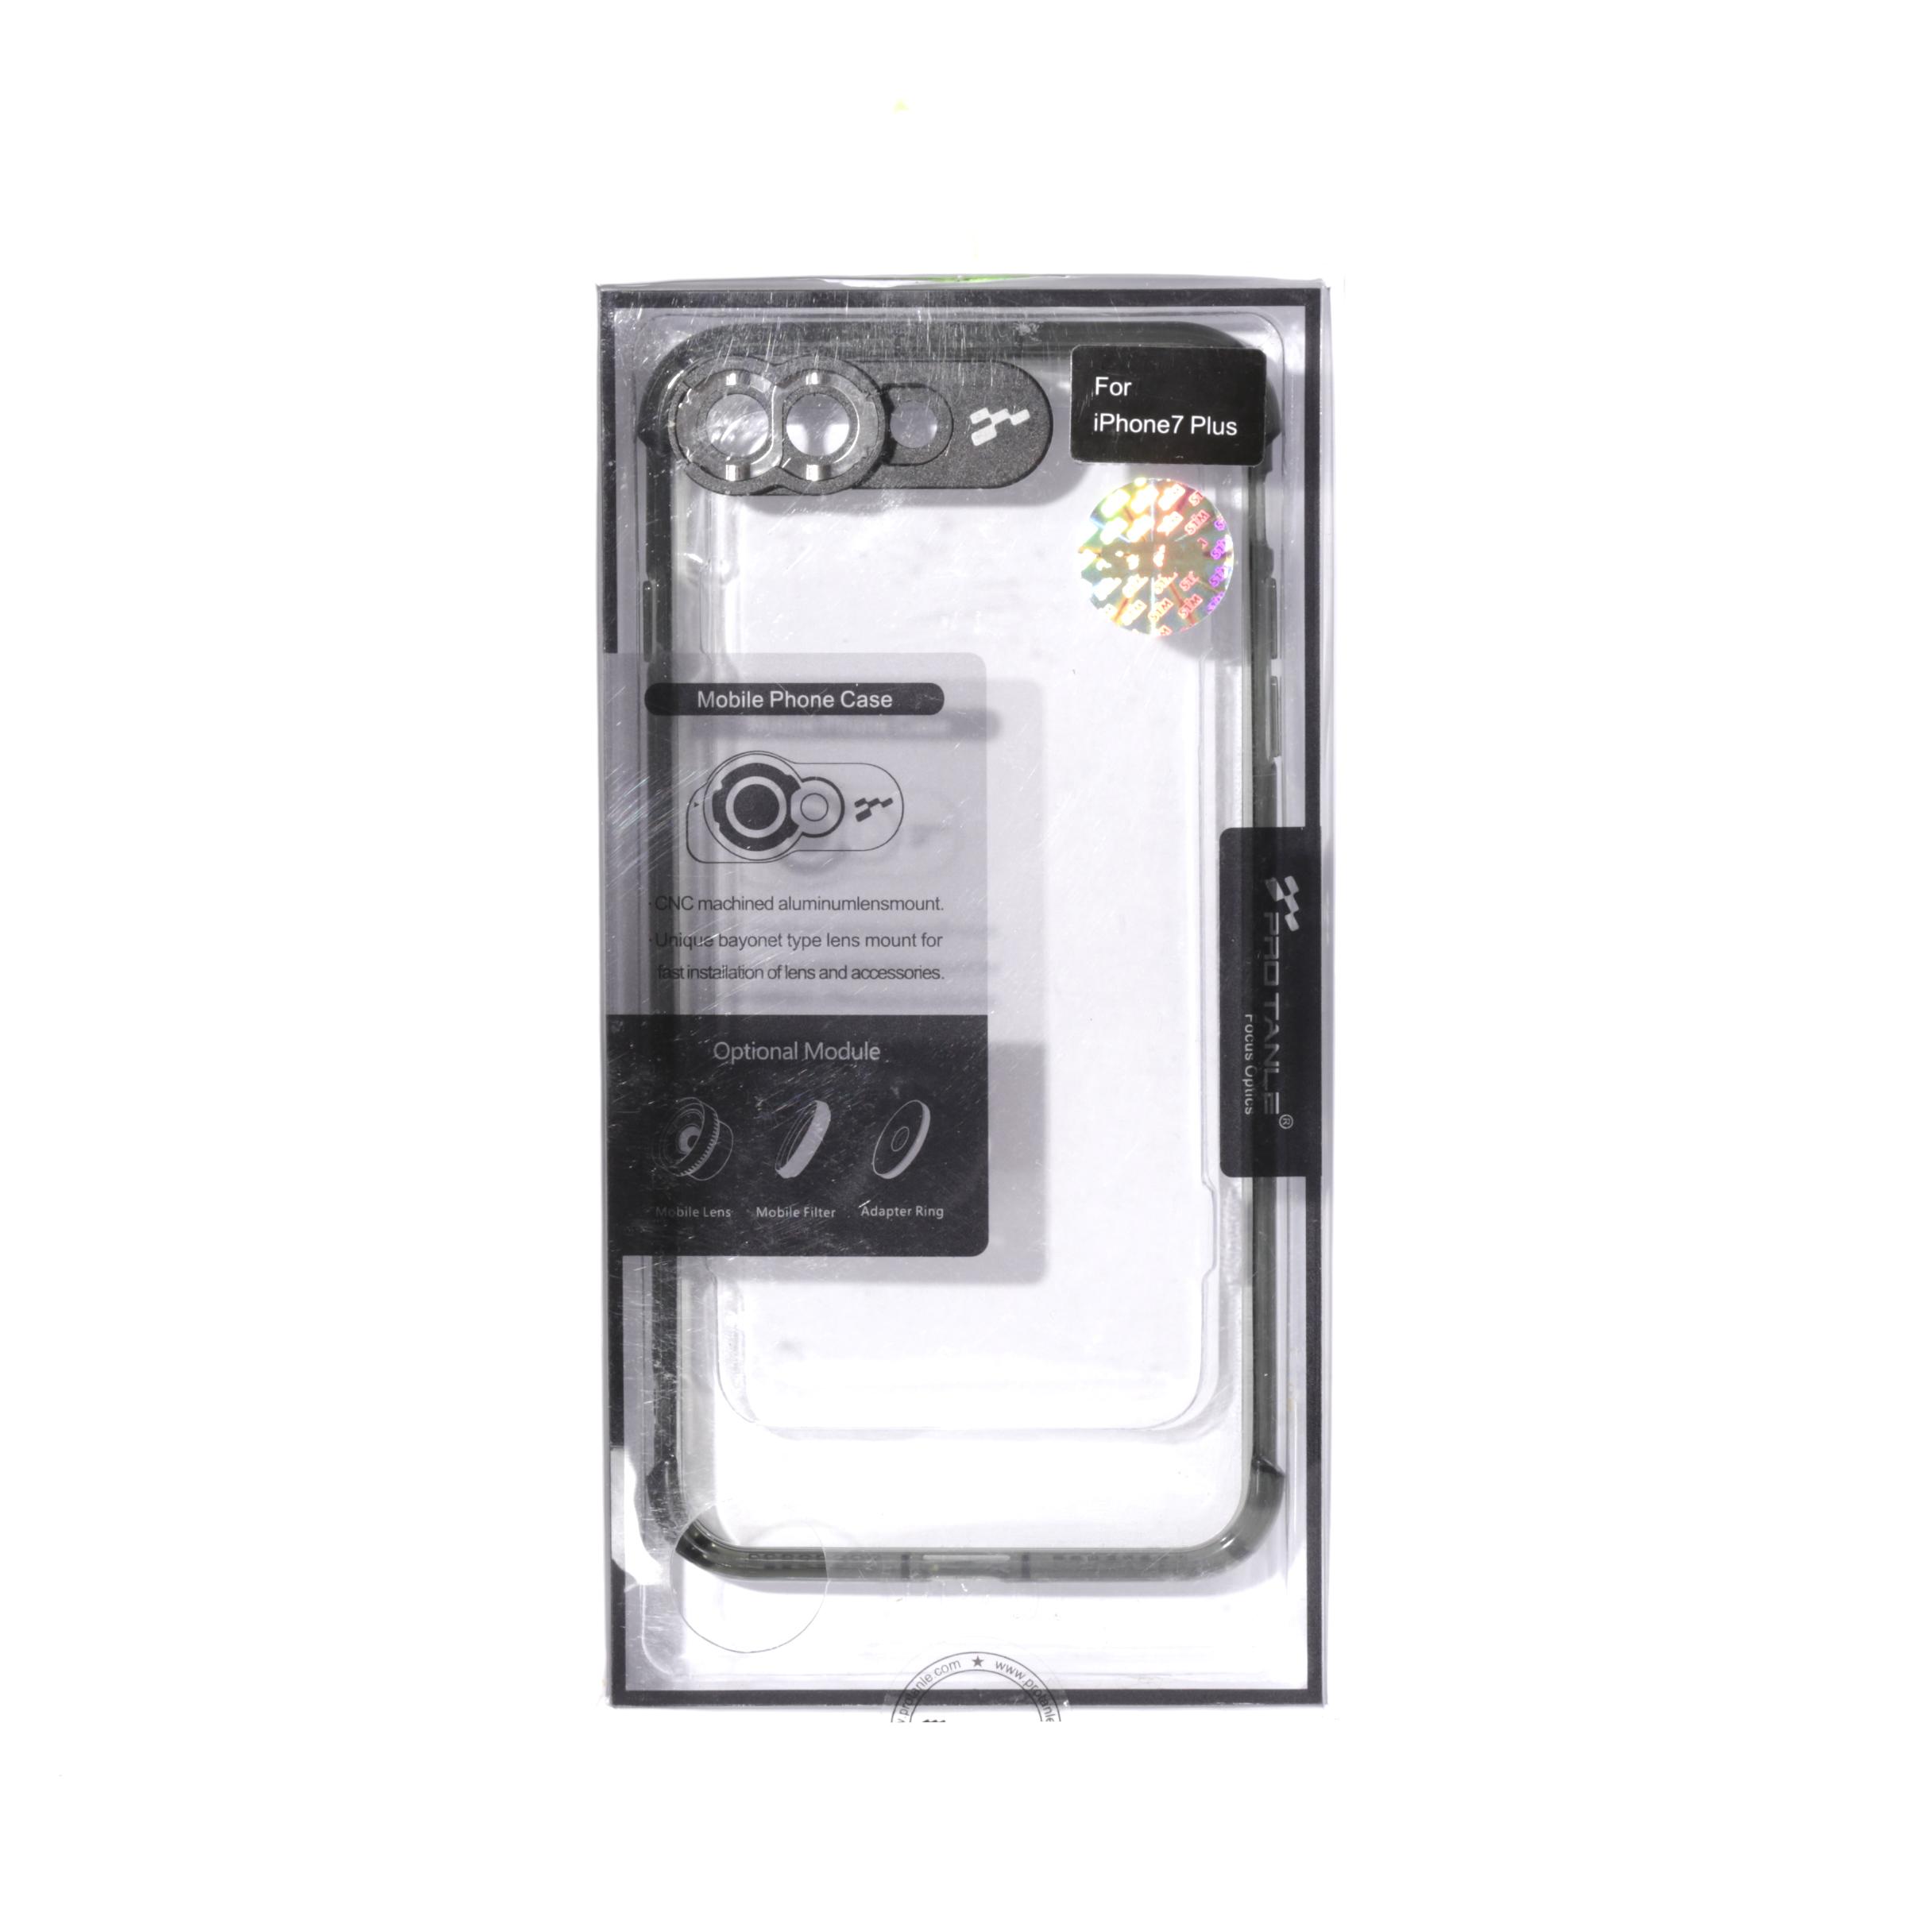 PROTANLE iPhone7+, iPhone8+ Cases